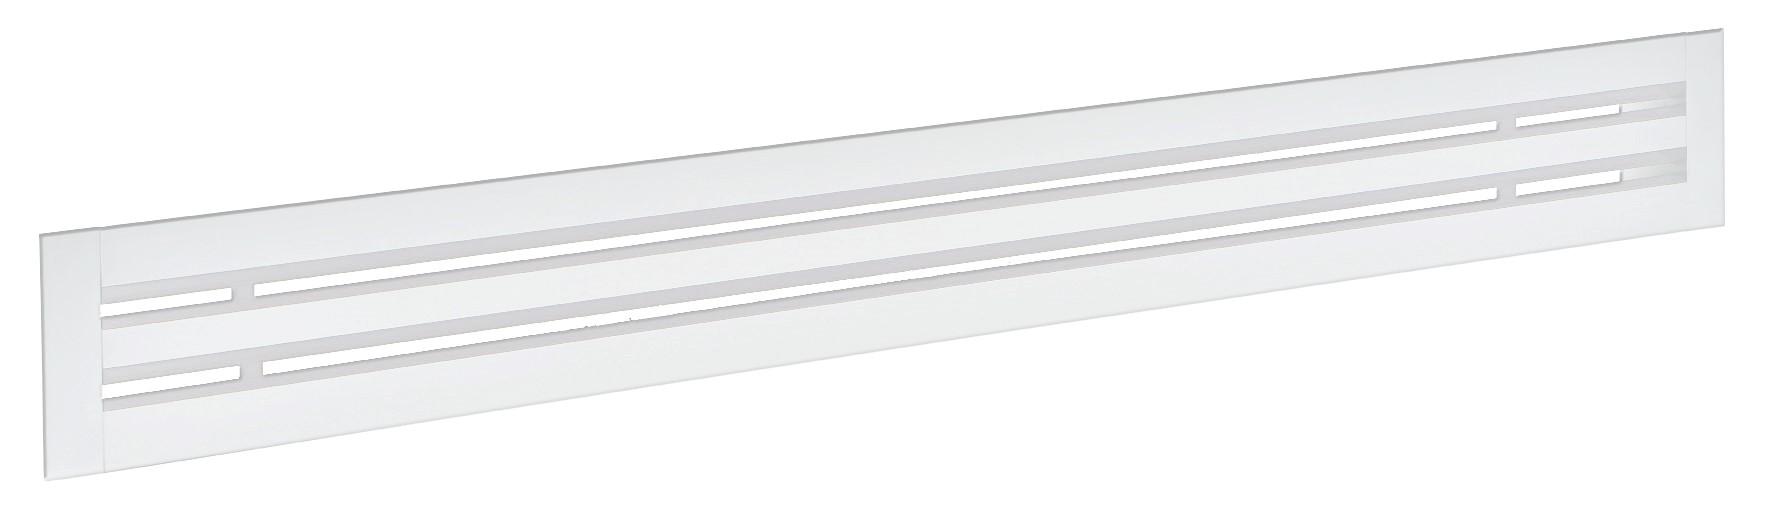 Diffusore lineare a feritoie Ral 9010 modello DLF20 deflettori Ral 9010 2 feritoie L=1000 mm